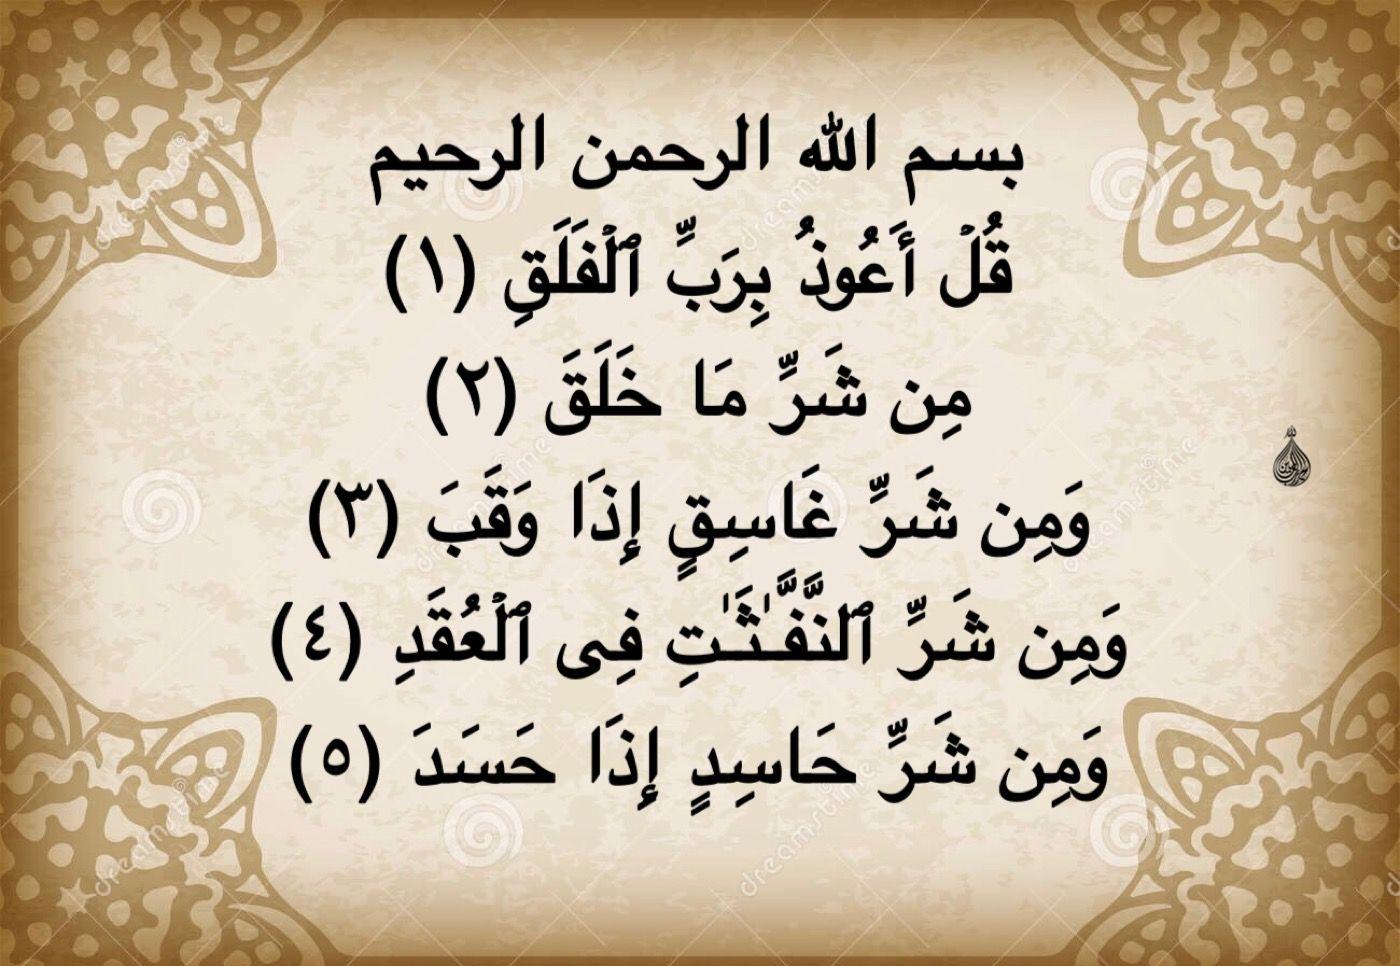 أدعيةإسلاميه أذكار دعاء اسلام صور الله الله اكبر استغفرالله مسلم